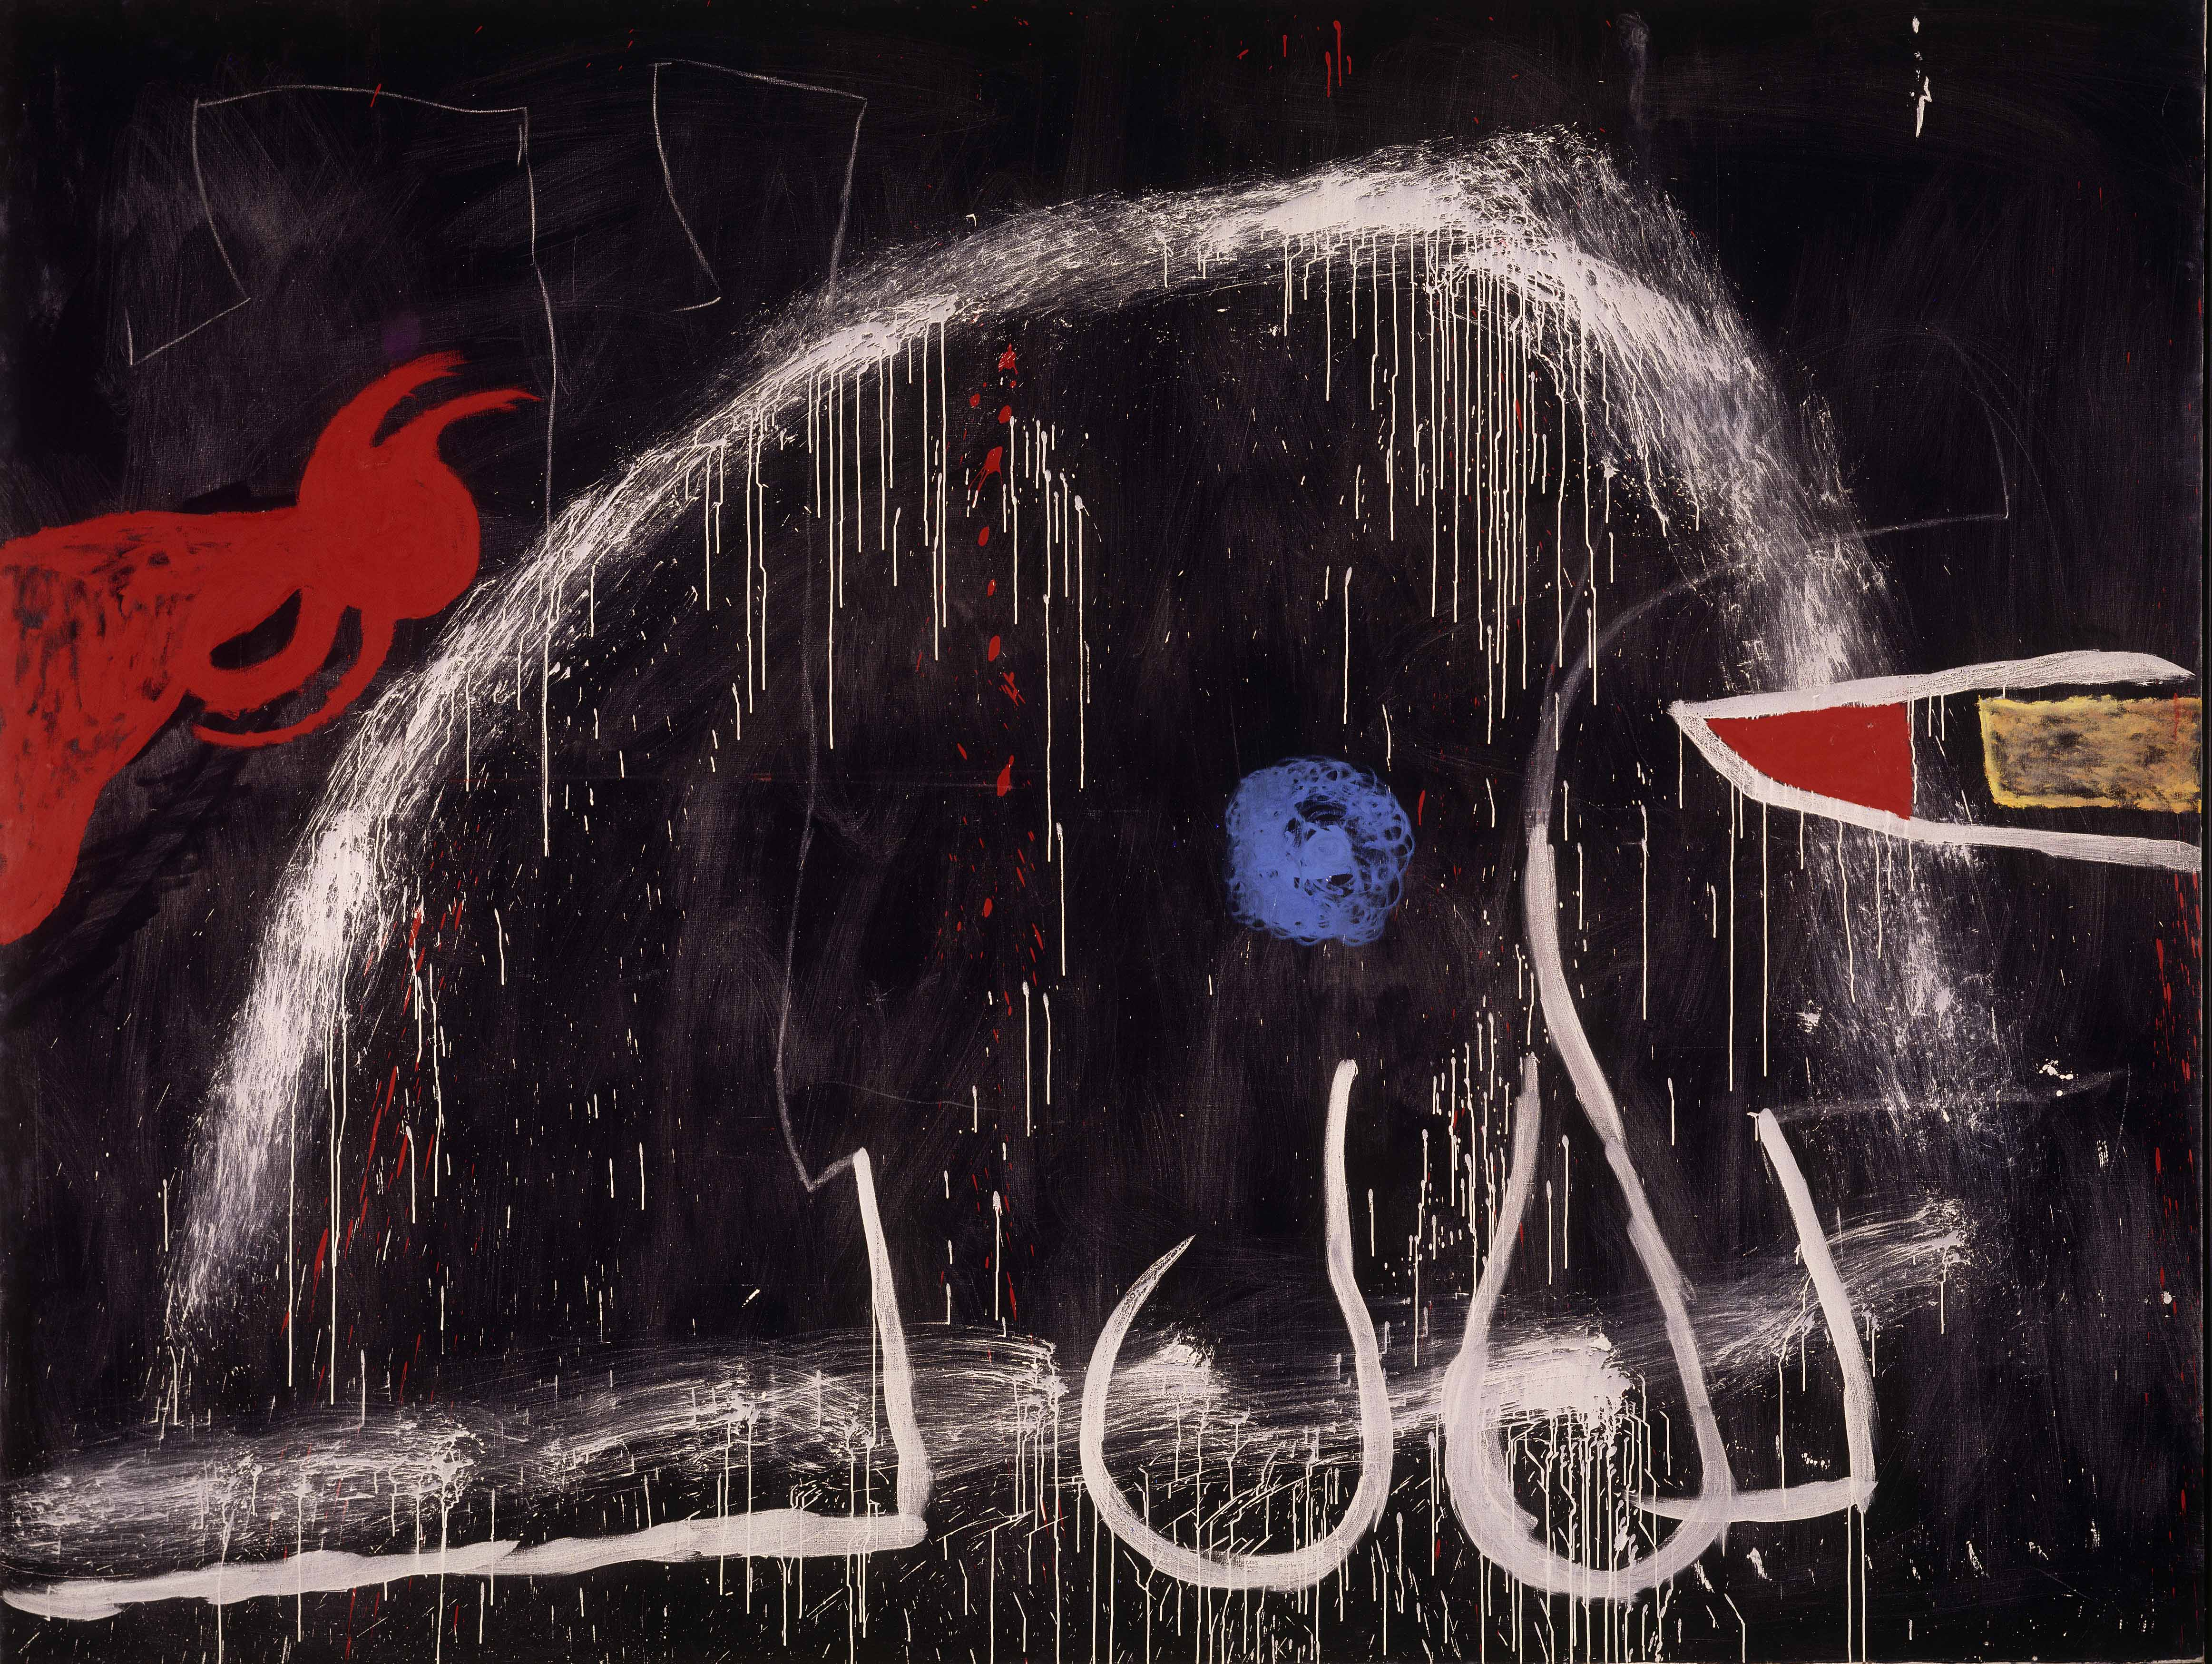 Miró, Sans titre (1974)